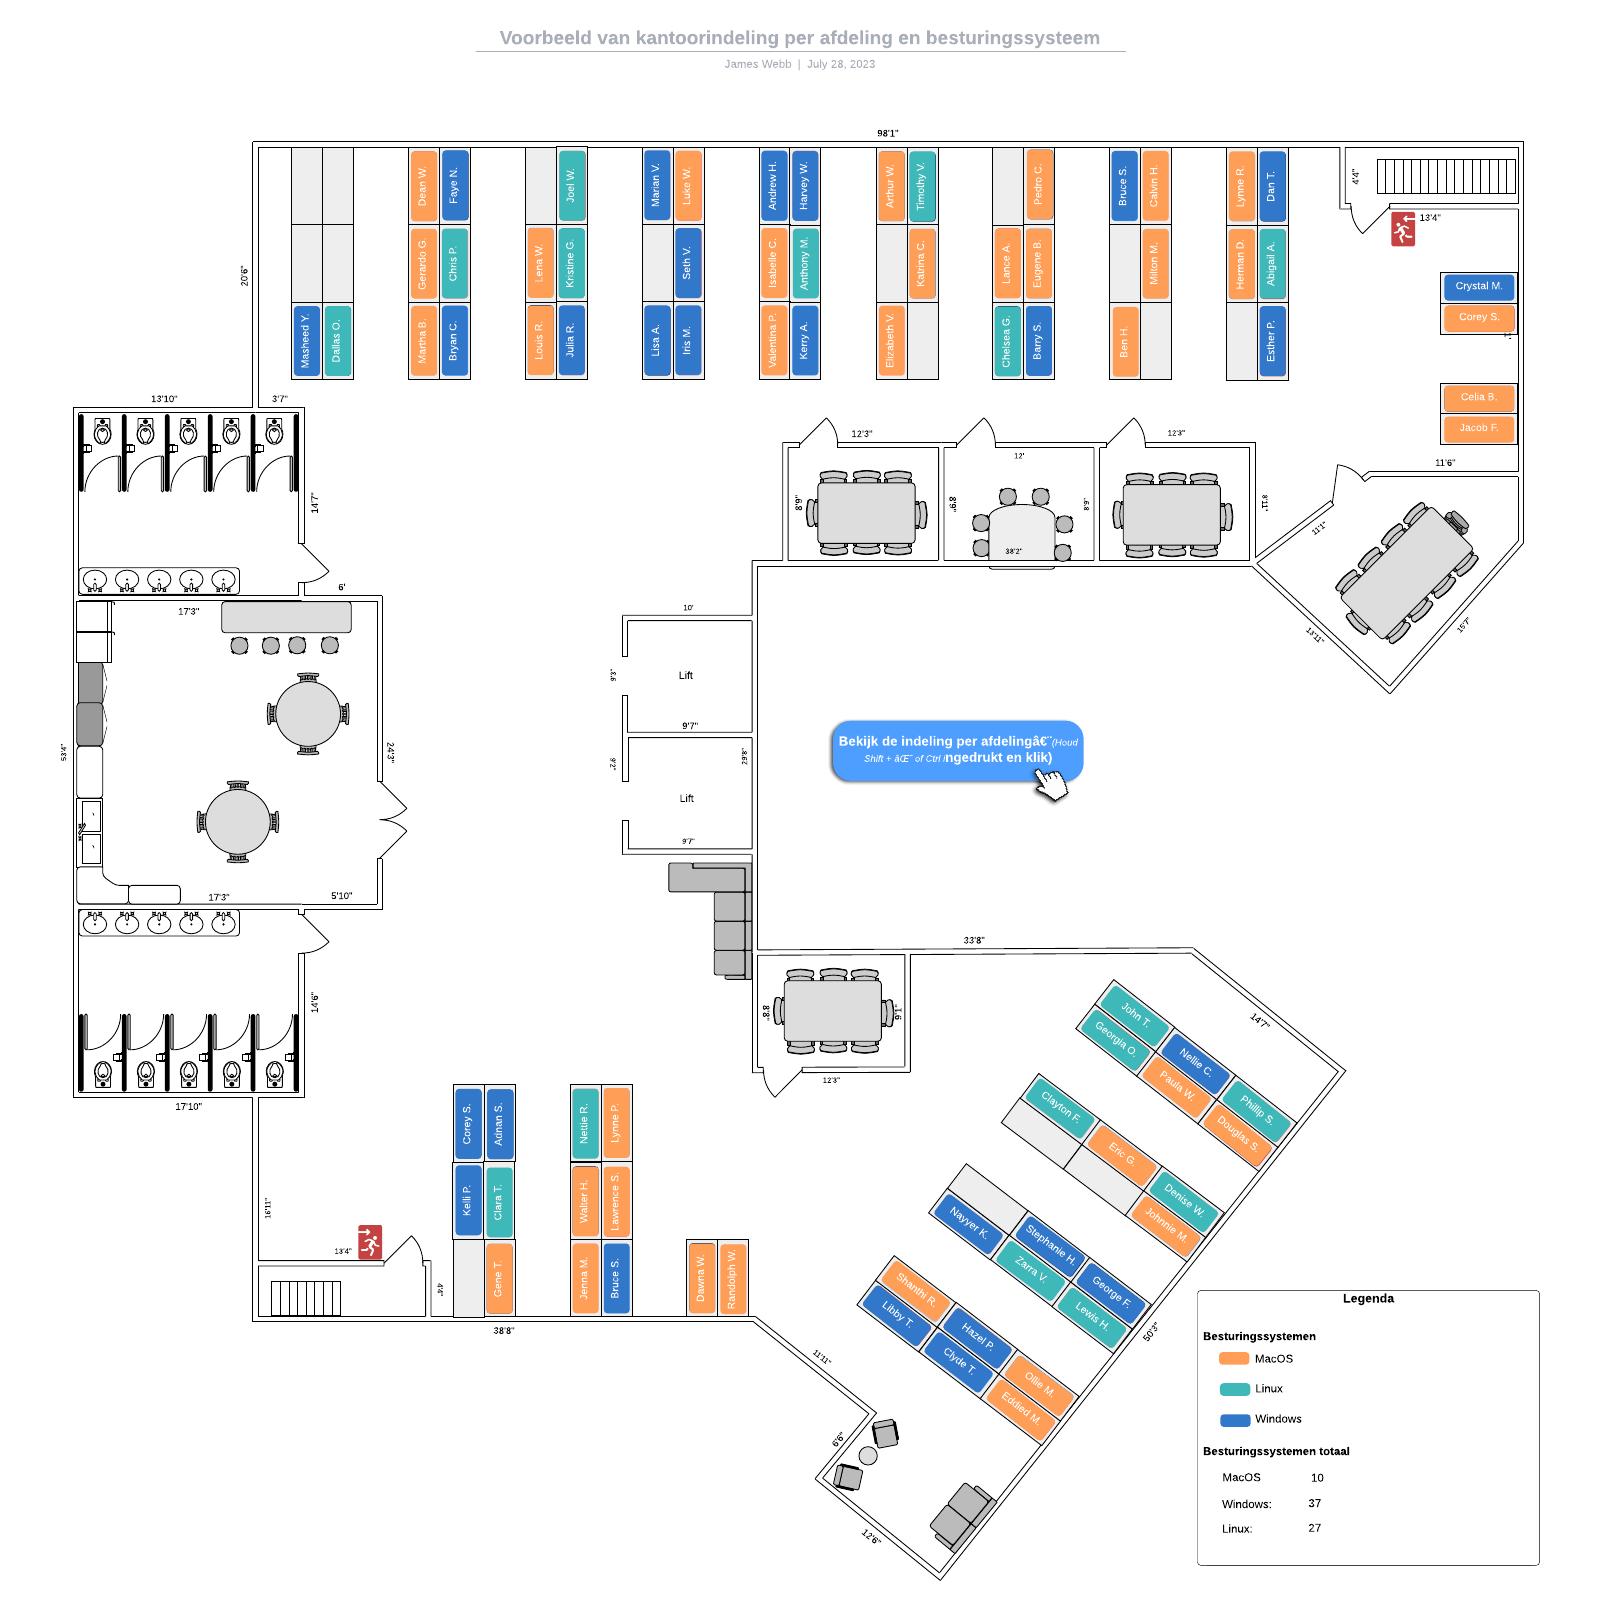 Voorbeeld van kantoorindeling per afdeling en besturingssysteem